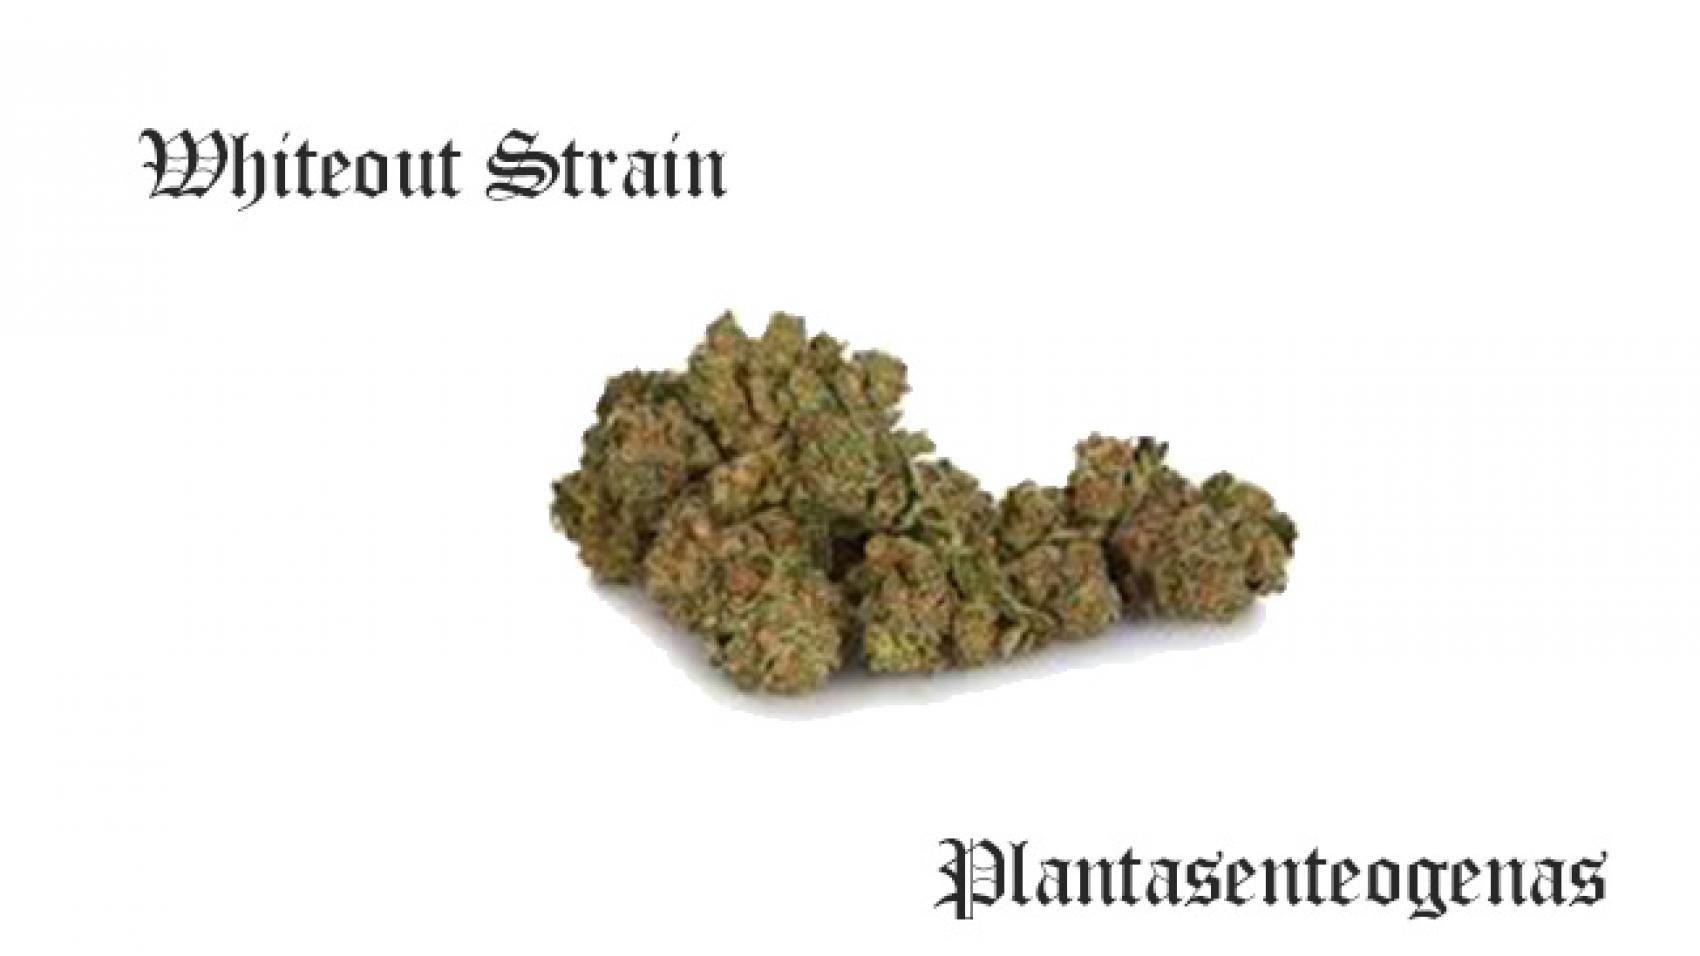 Whiteout Strain